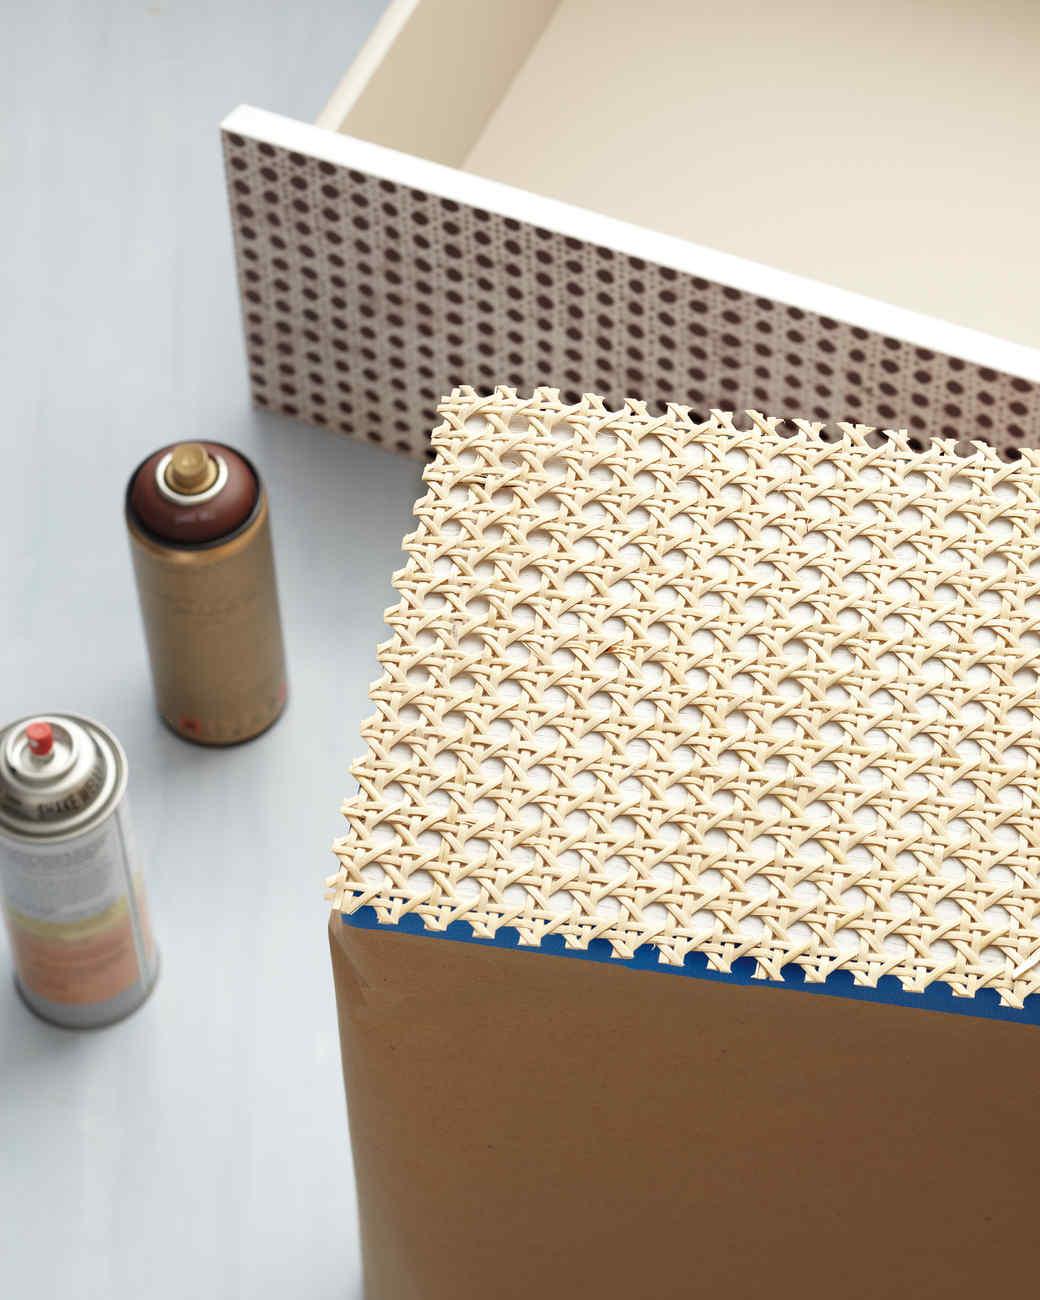 dresser-woven-caning-02-0911mld107603.jpg